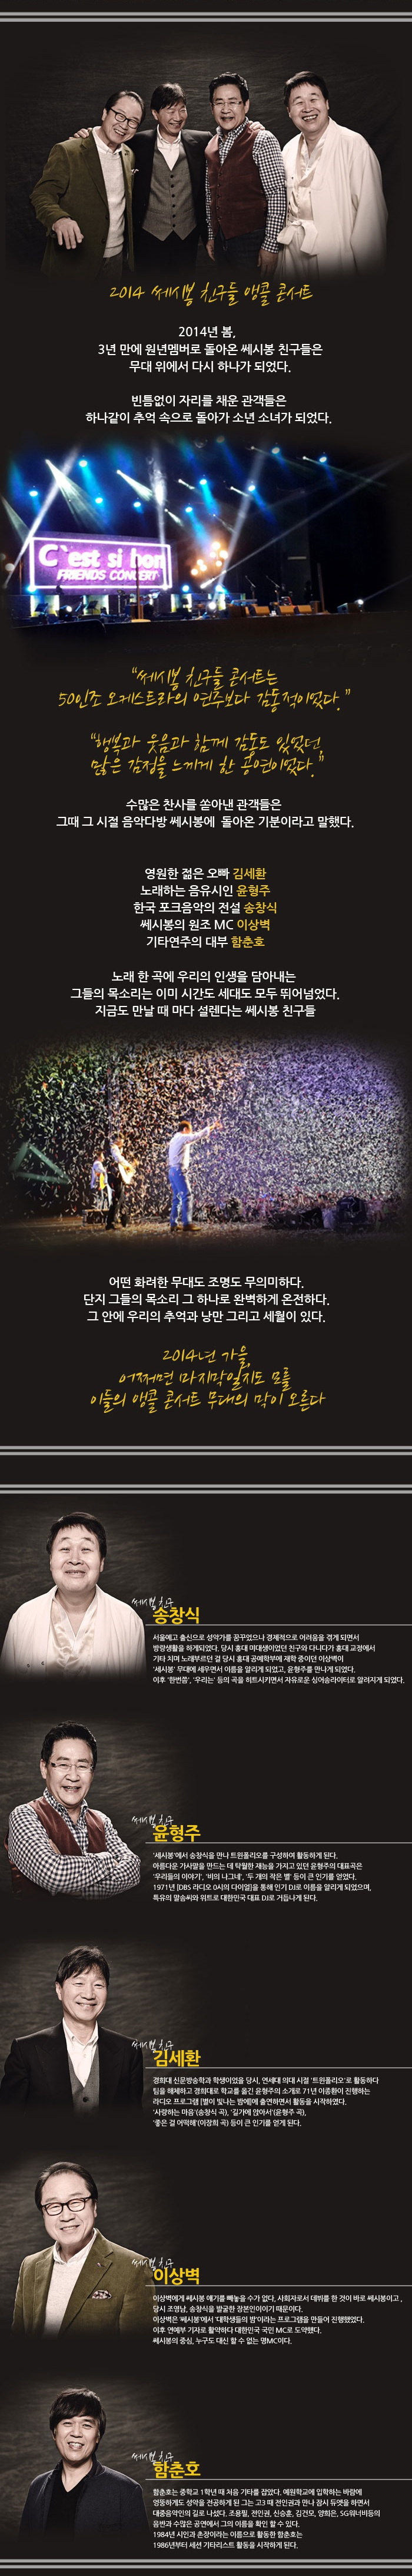 쎄시봉 친구들 앵콜 콘서트2.jpg